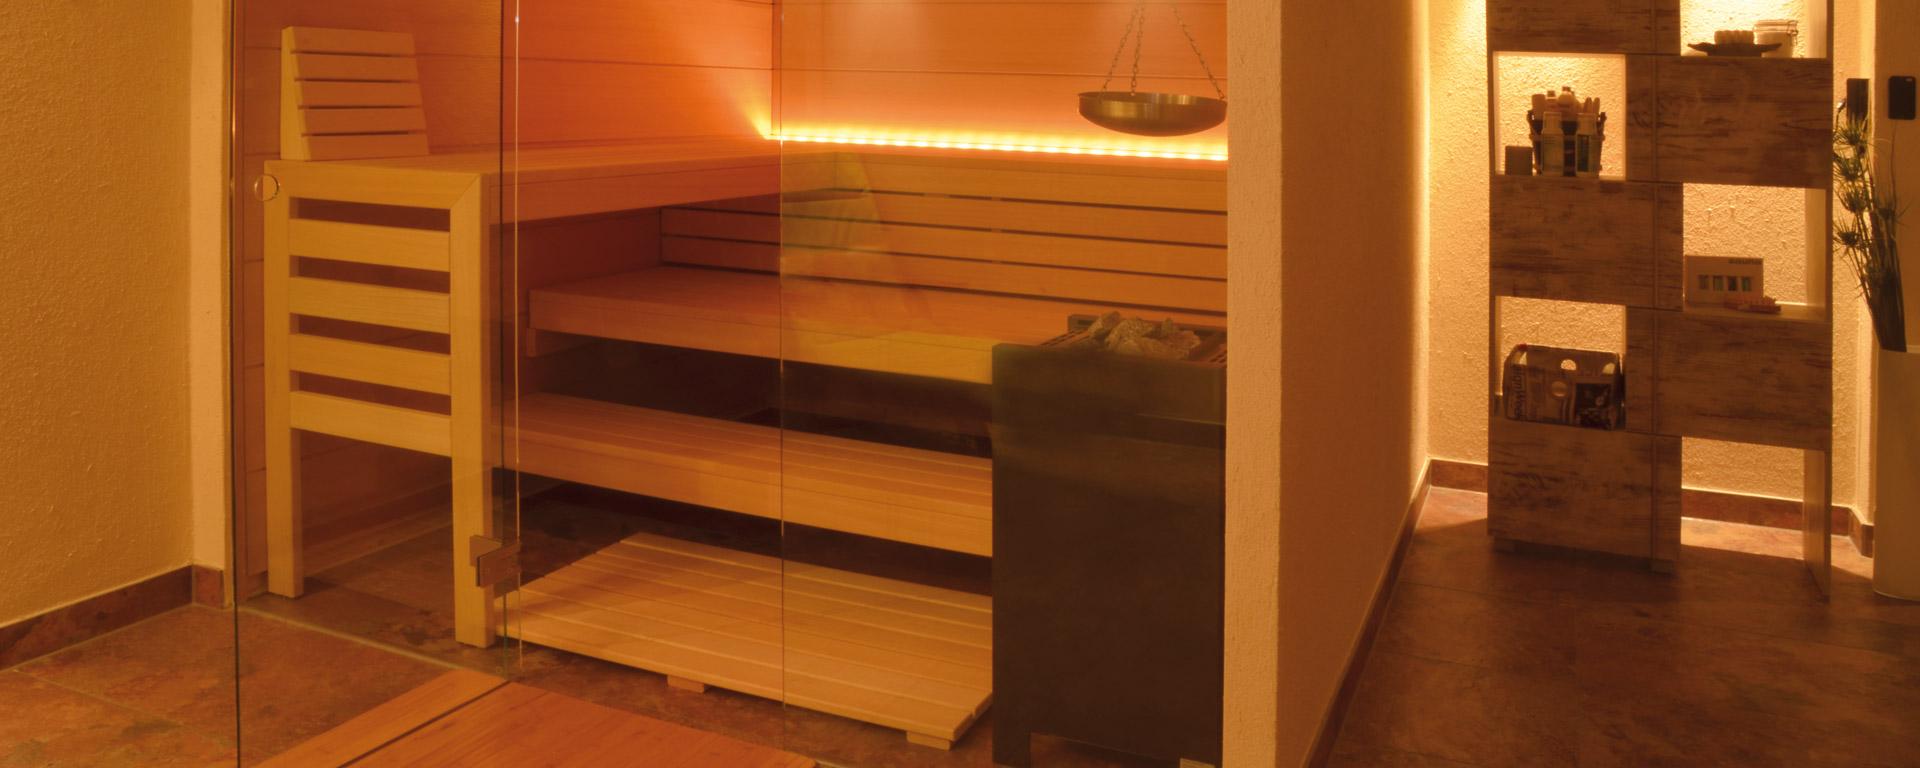 Full Size of Sie Wollen Eine Traditionelle Sauna Aus Holz Kaufen Kein Problem Küche Günstig Sofa Mit Elektrogeräten Betten 180x200 Gebrauchte Verkaufen Fenster In Polen Wohnzimmer Sauna Kaufen